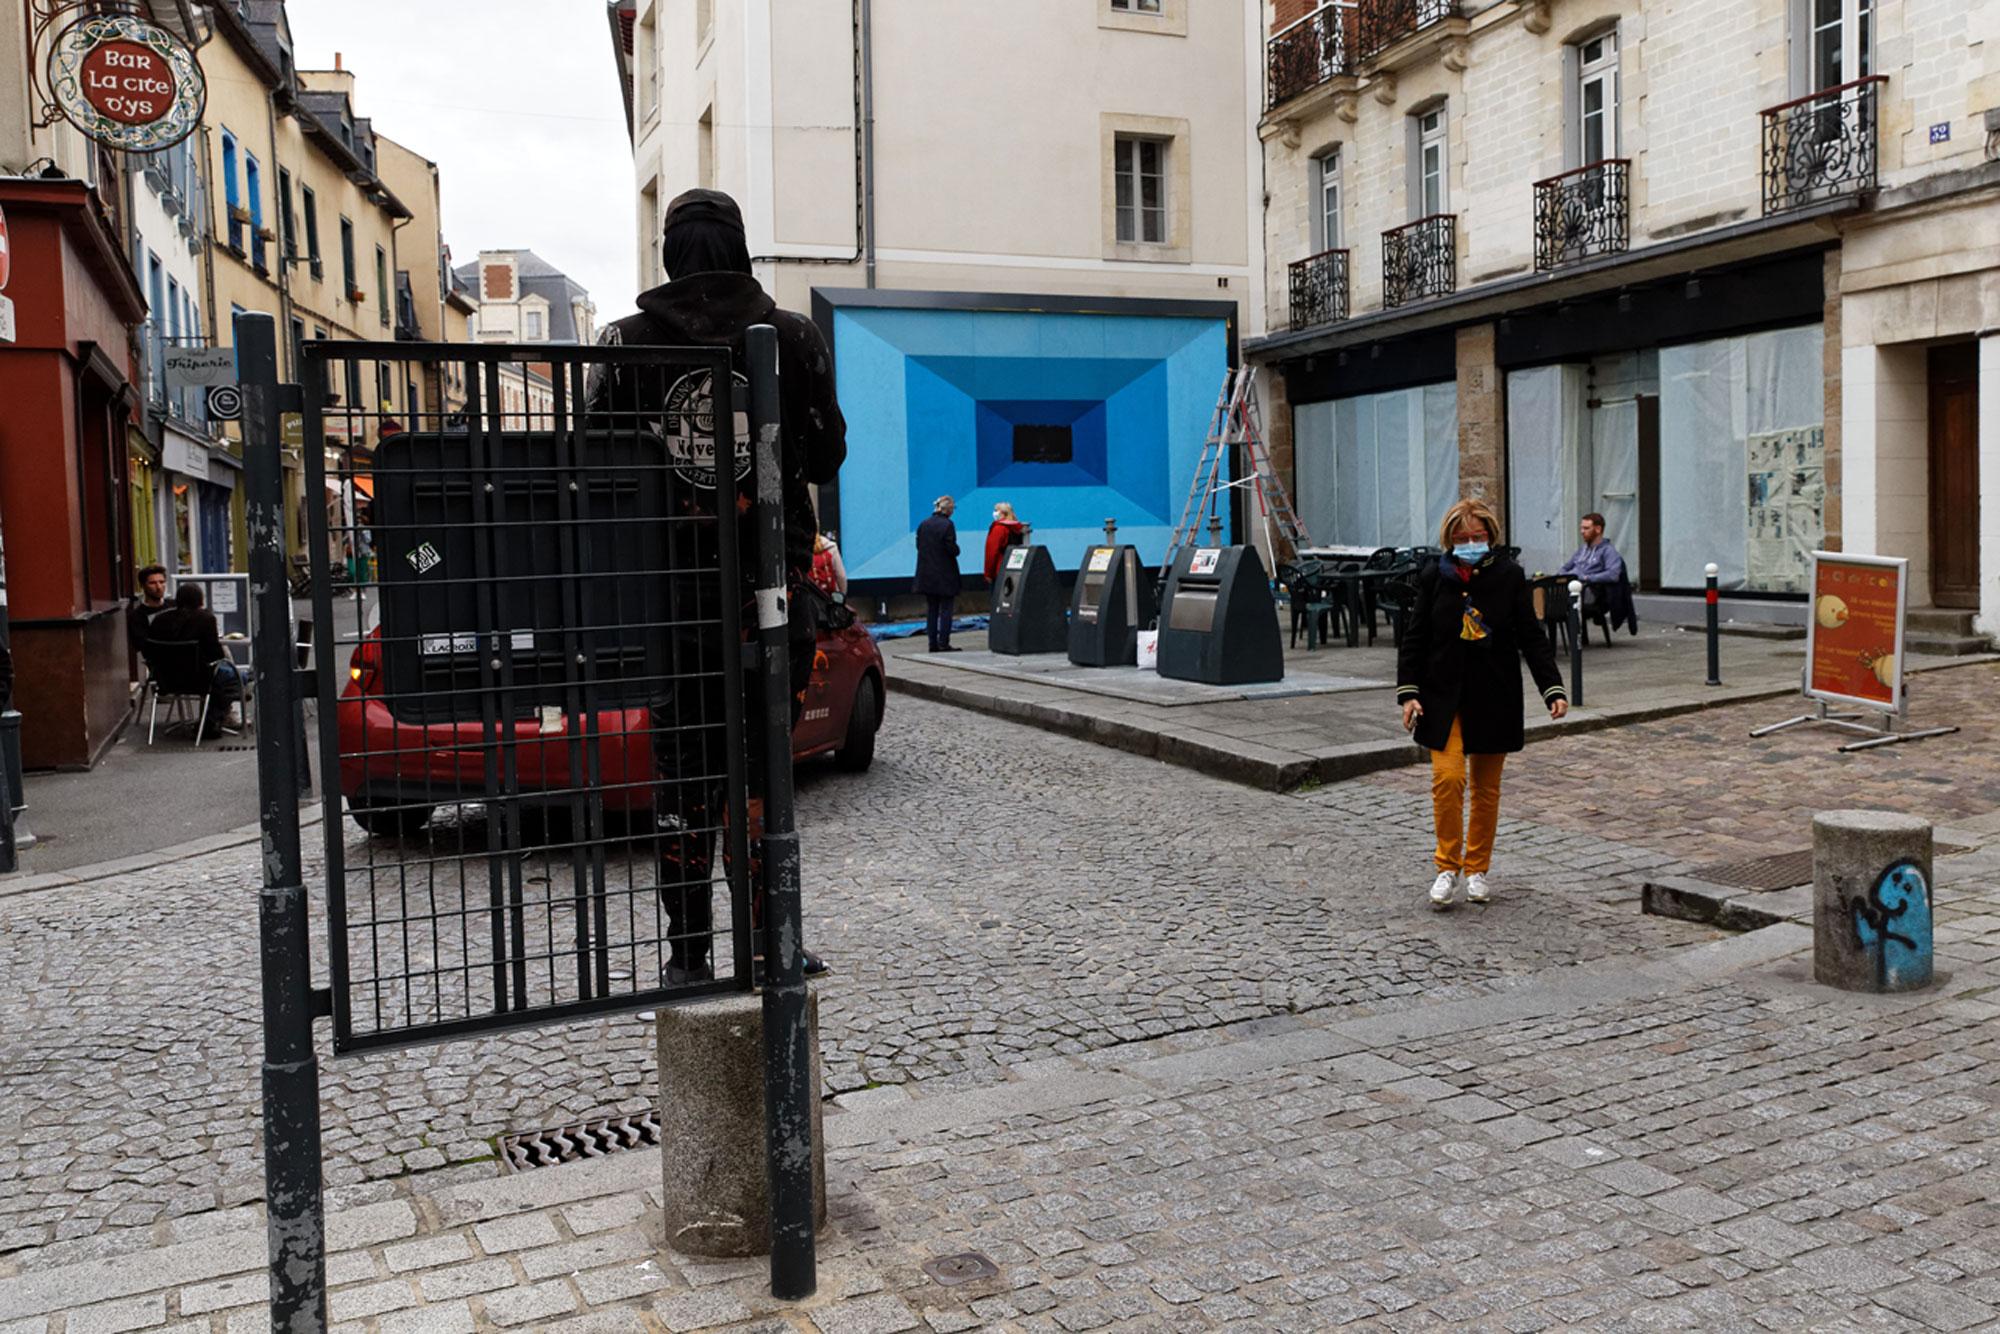 Felix Rodewaldt M.U.R de Rennes - vu de loin - photo Monique Sammut